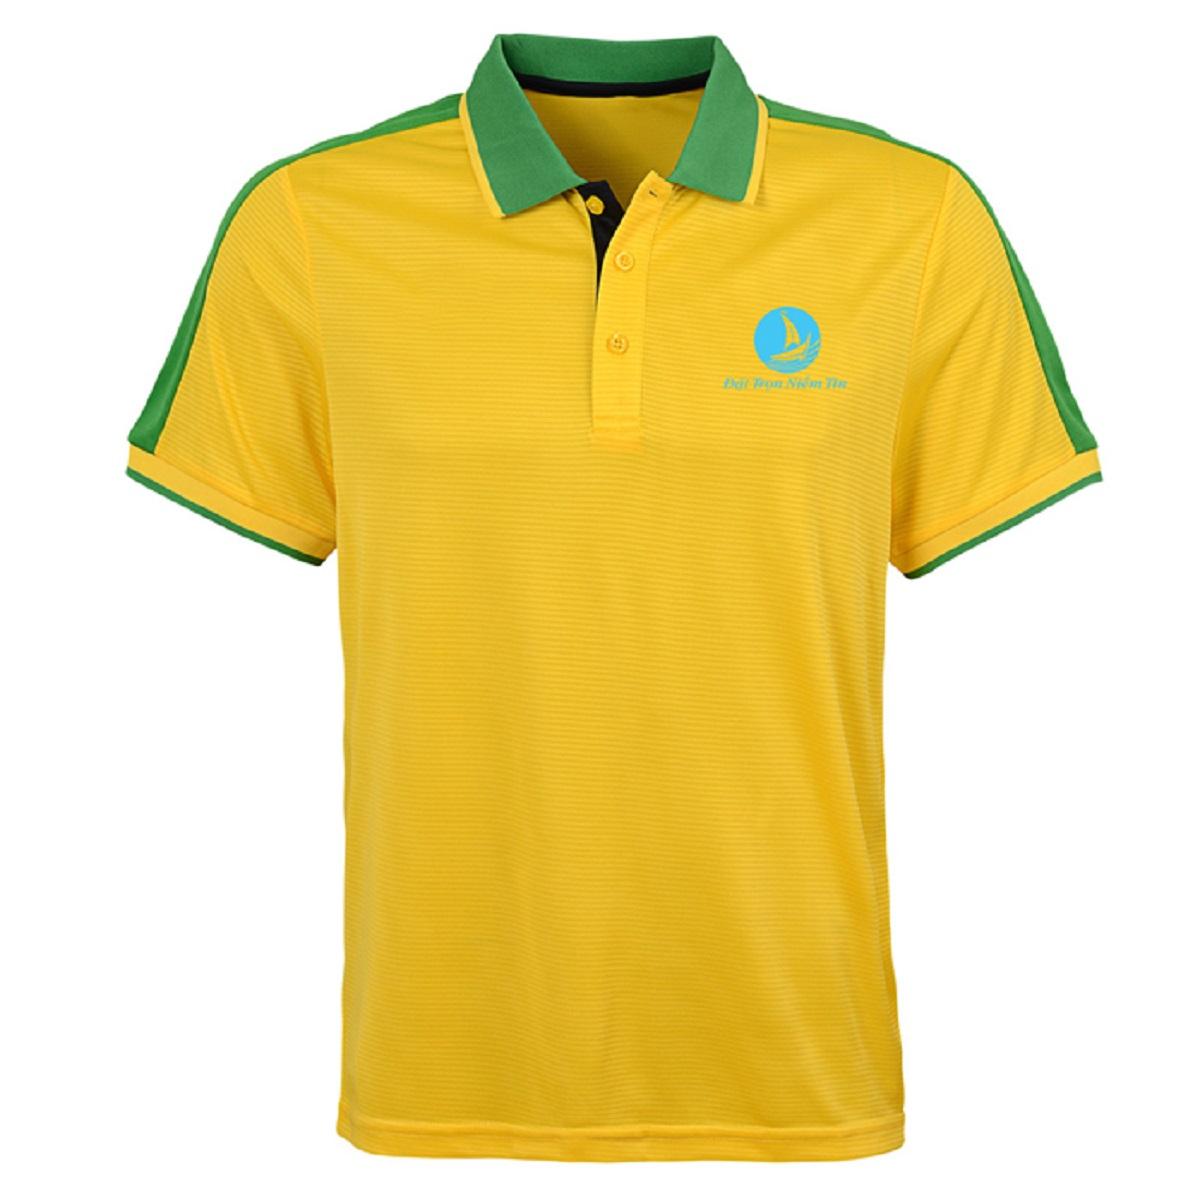 Màu vàng tượng trưng sự ấm áp, hạnh phúc, năng lượng lạc quan cũng như lòng trung thành